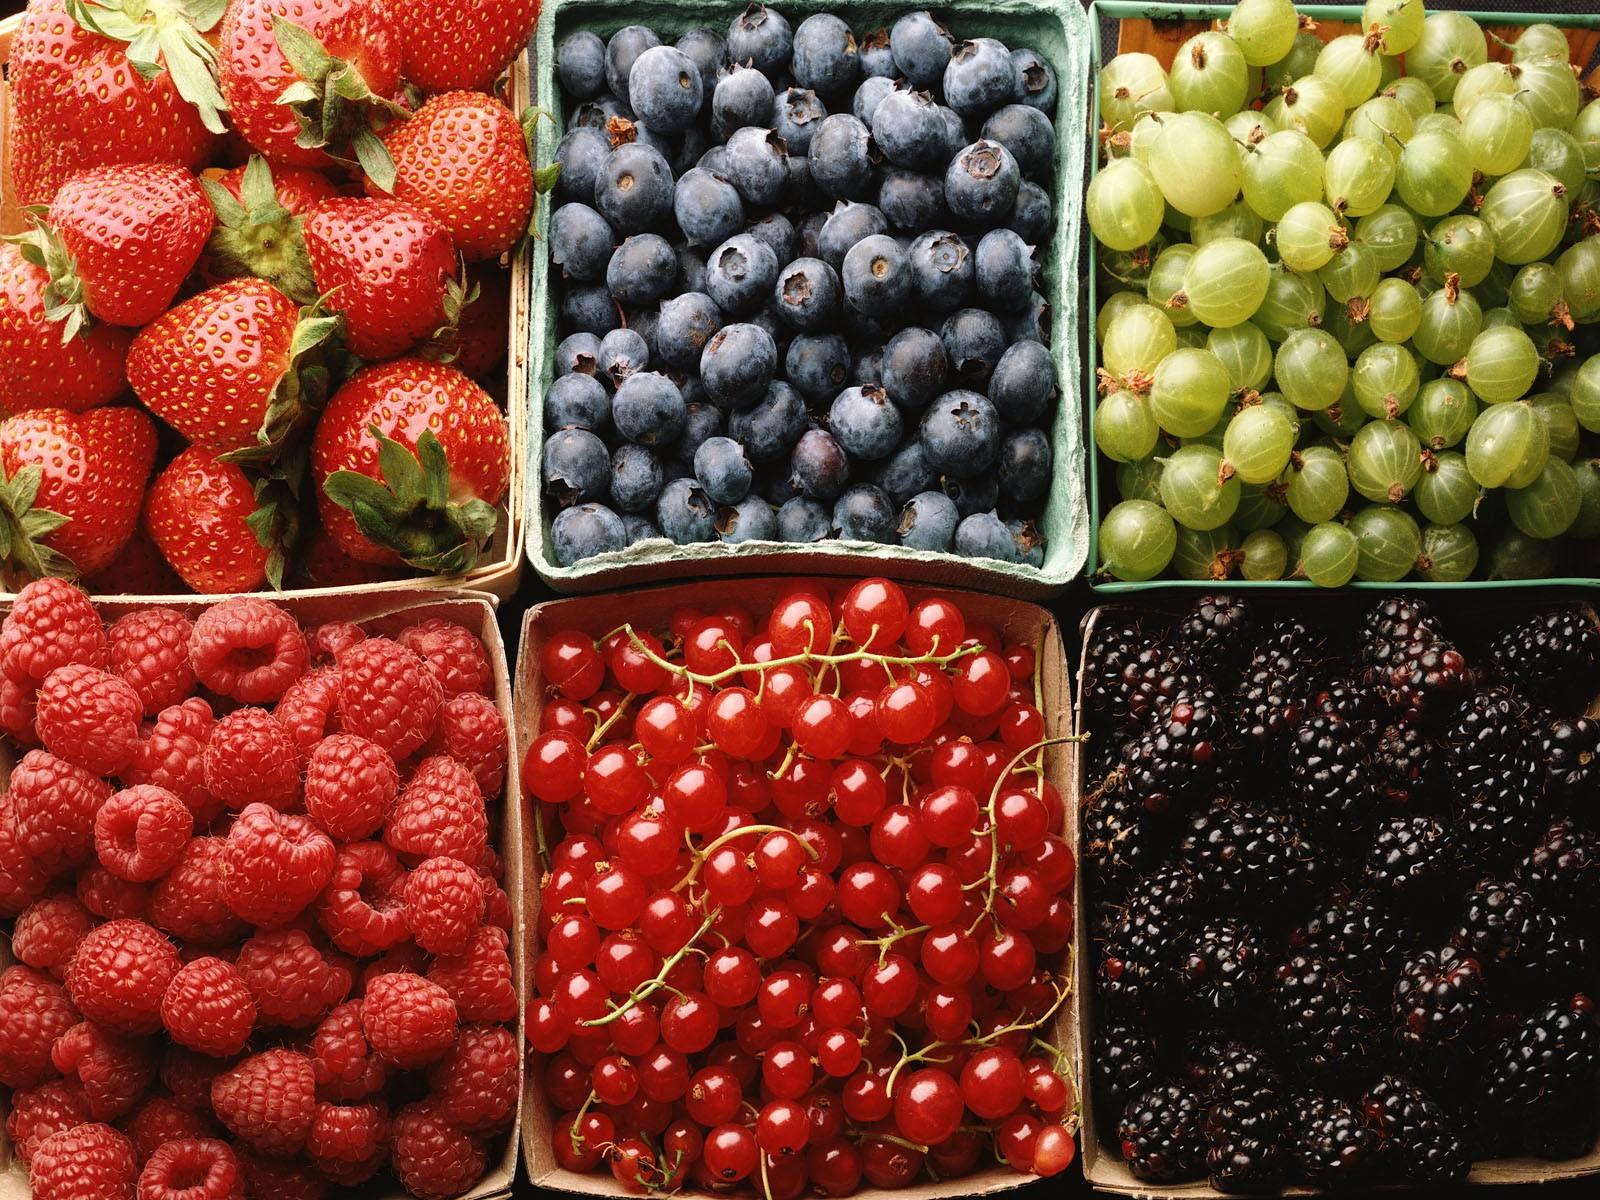 все более ягоды все виды с фото версия, что такое